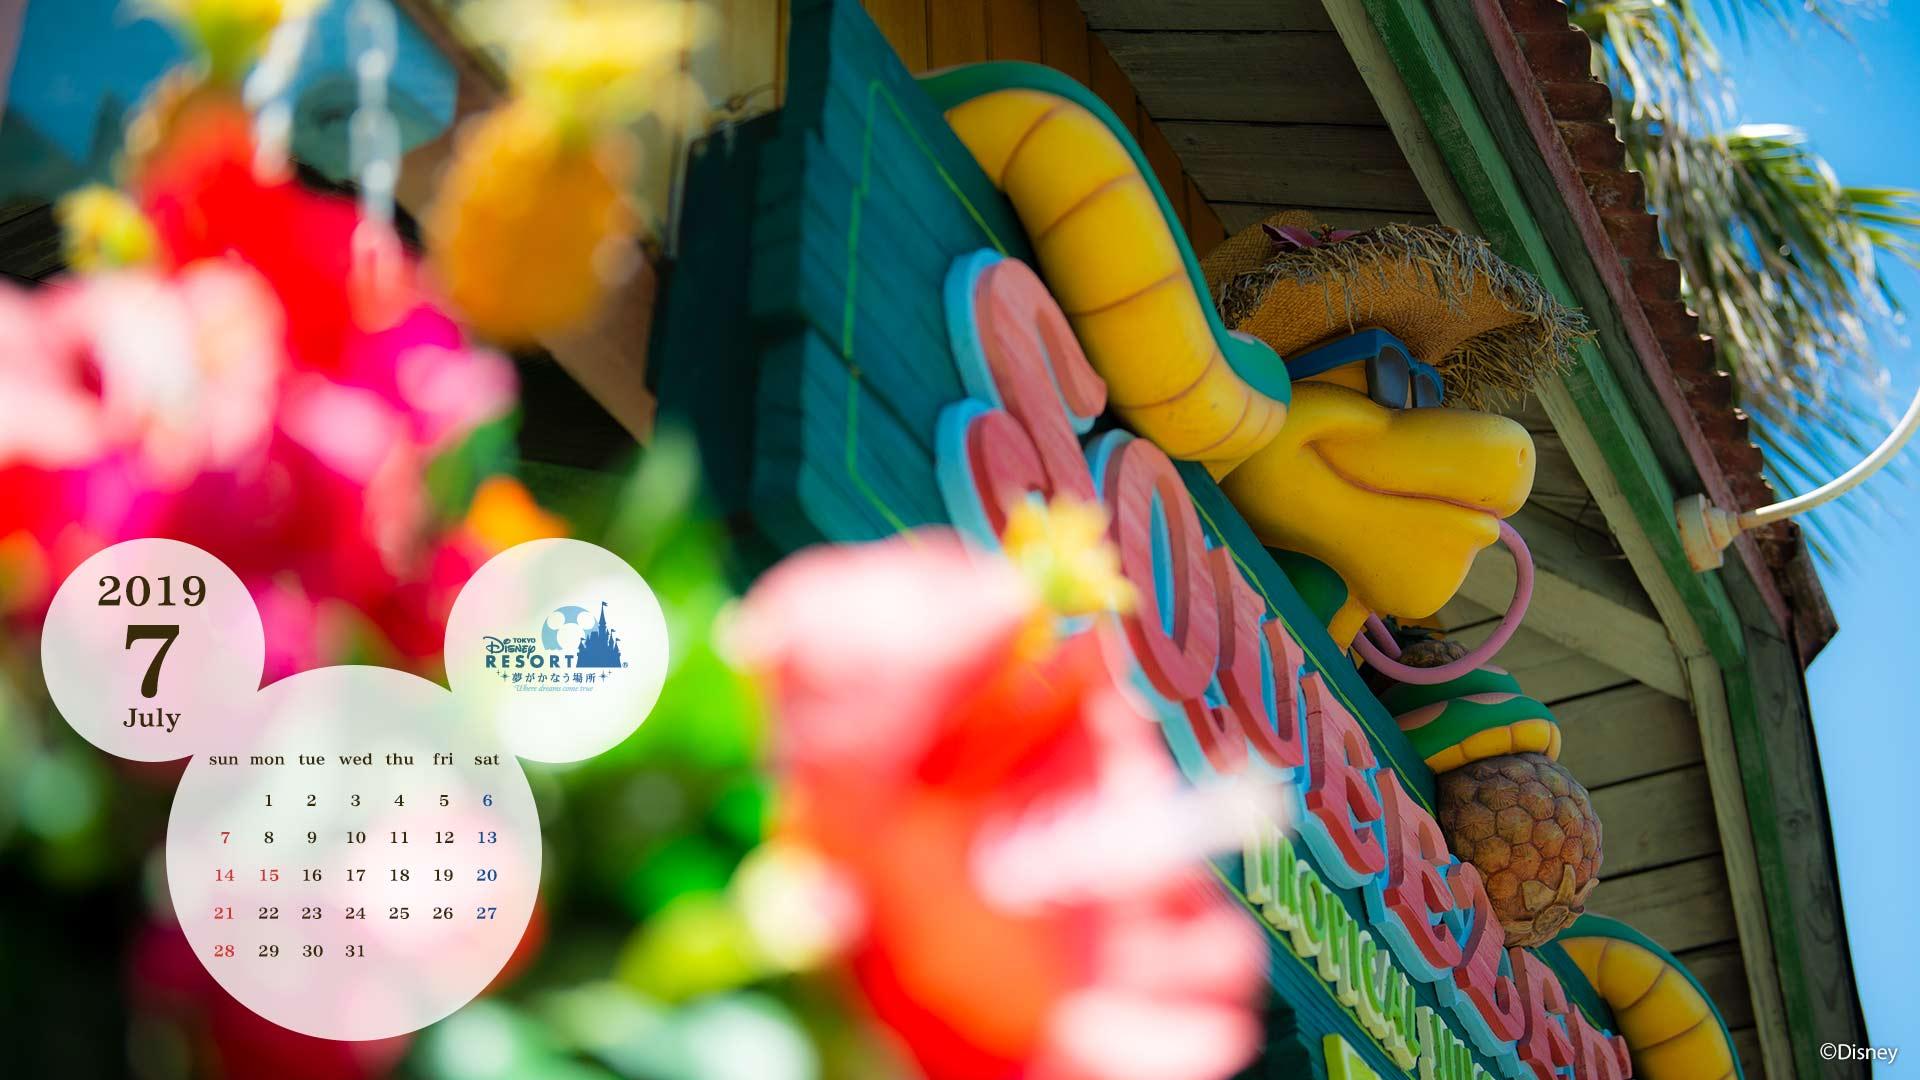 公式 デスクトップを毎月彩る壁紙カレンダー 東京ディズニーリゾート ブログ 東京ディズニーリゾート